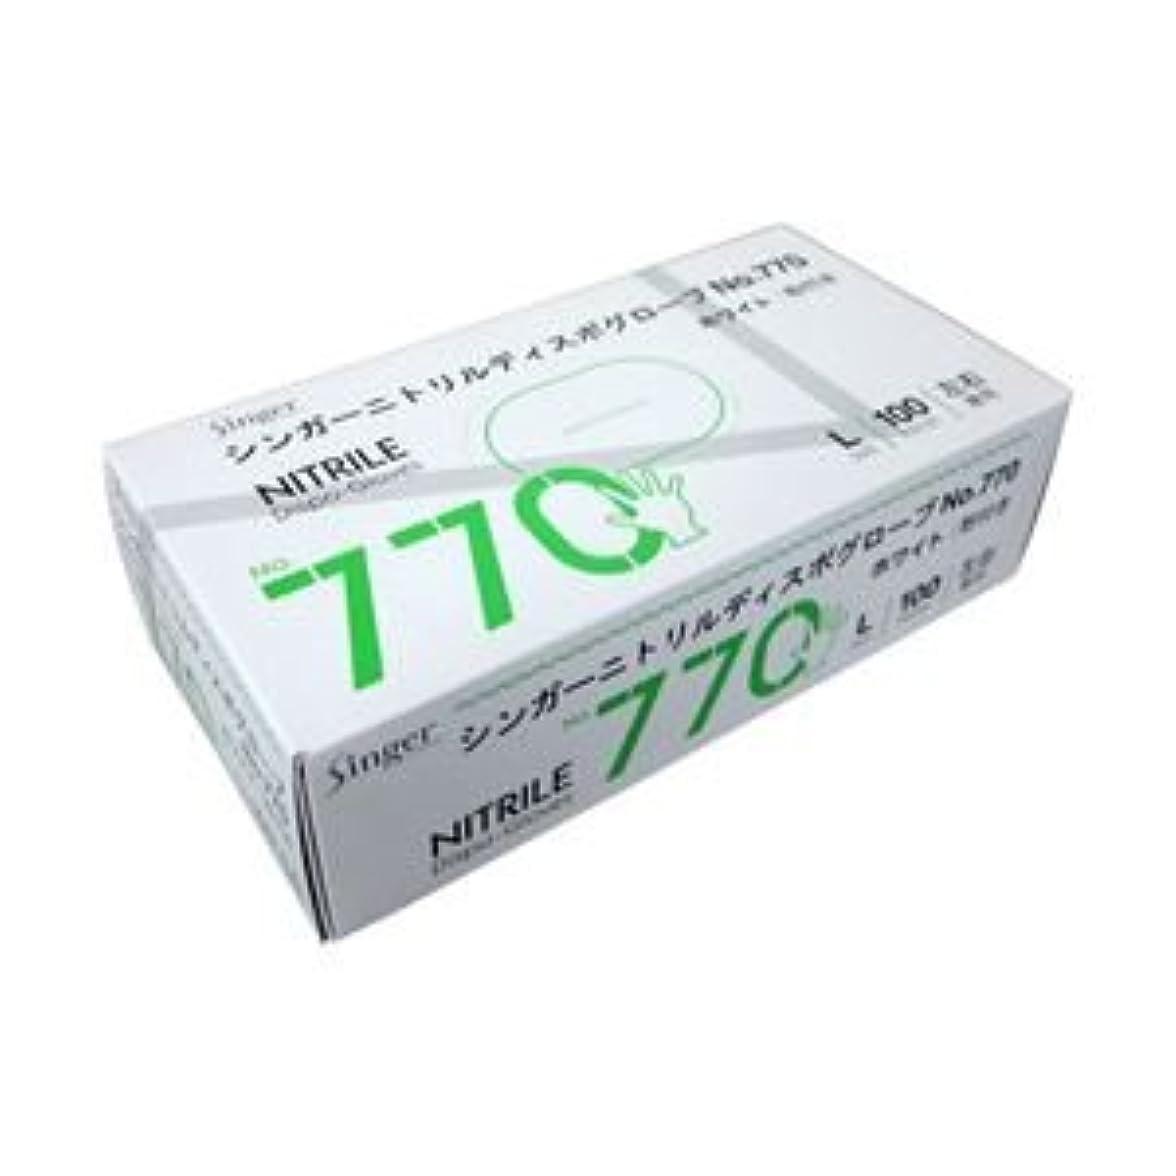 スカウト安息チェスをする宇都宮製作 ニトリル手袋 粉付き ホワイト L 1箱(100枚) ×5セット